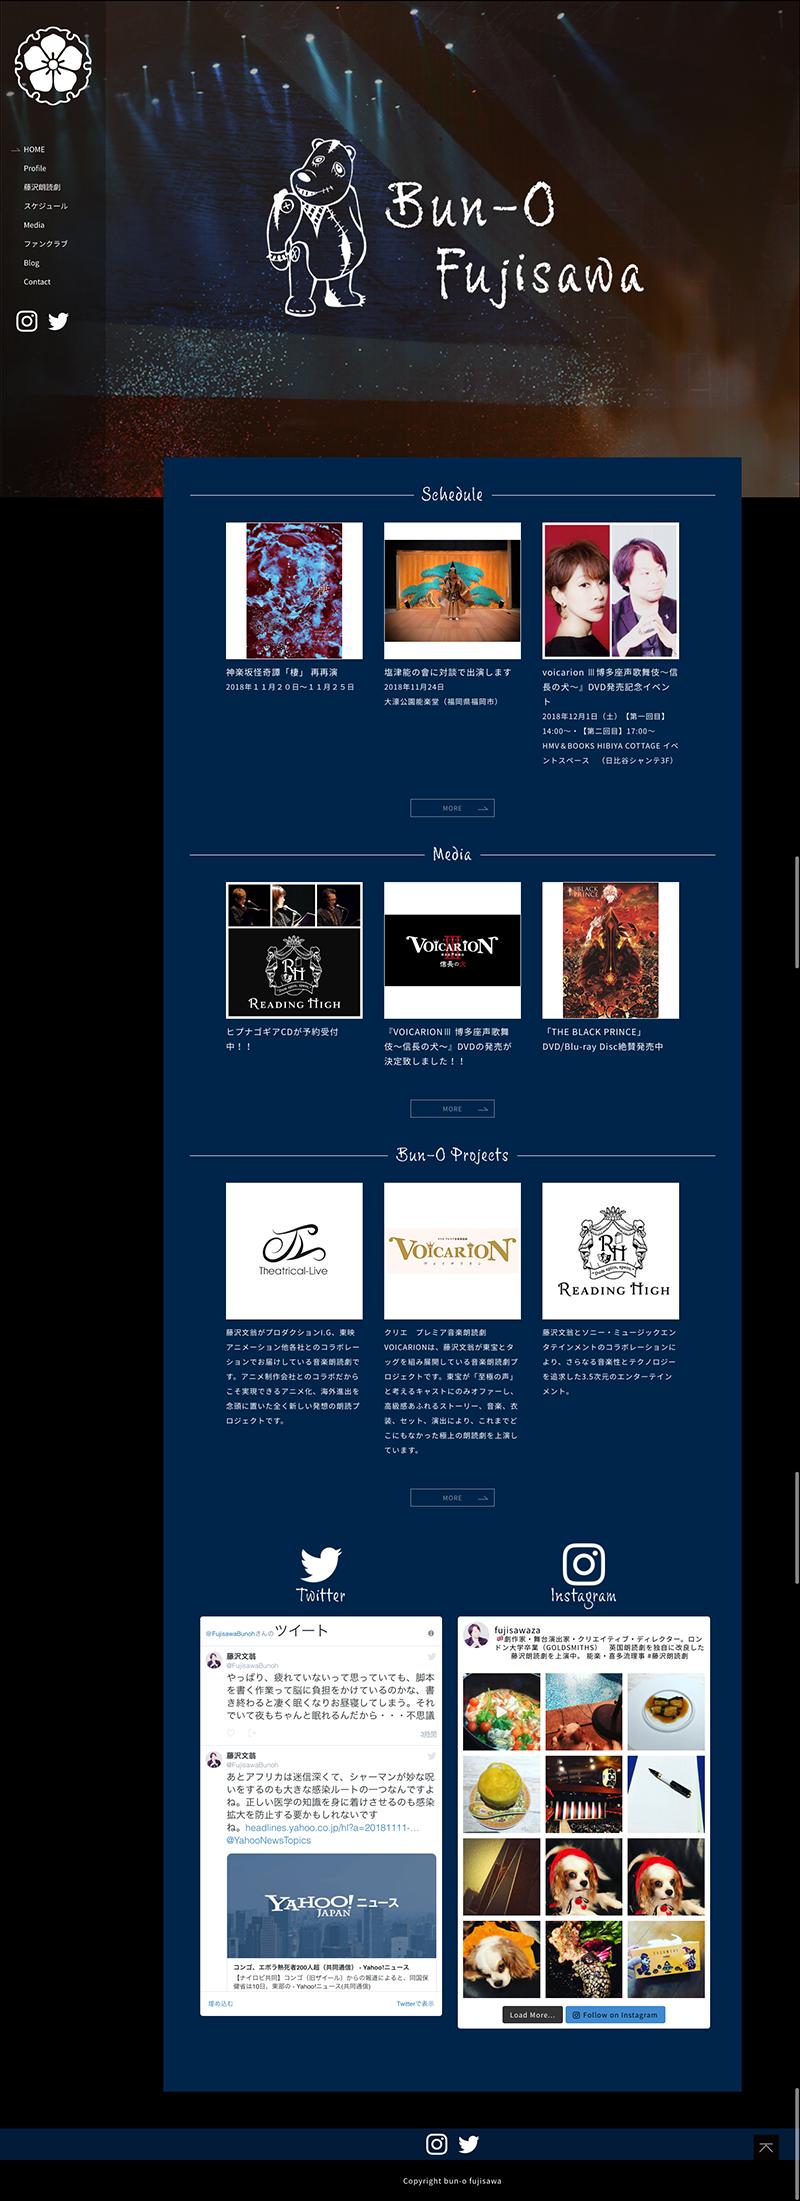 ホームページ制作実績藤沢文翁オフィシャルサイト